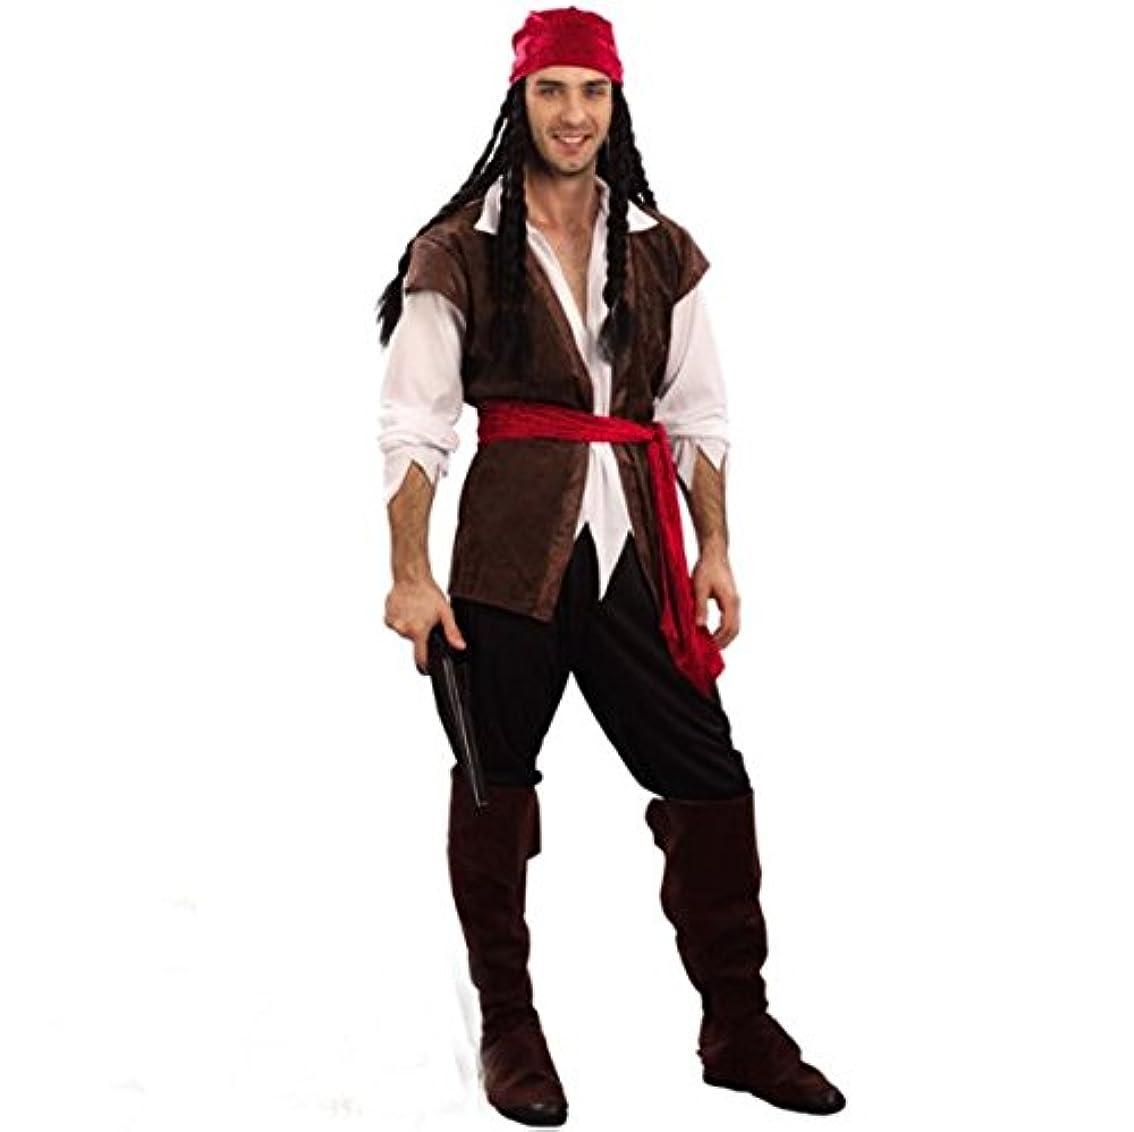 居心地の良い非アクティブメディックQcos(キューコス) ハロウィン カリブ 海賊 コスプレ 衣装 パイレーツ オブ カリビアン メンズ (Qcosオリジナルキズフェイクシール付き)